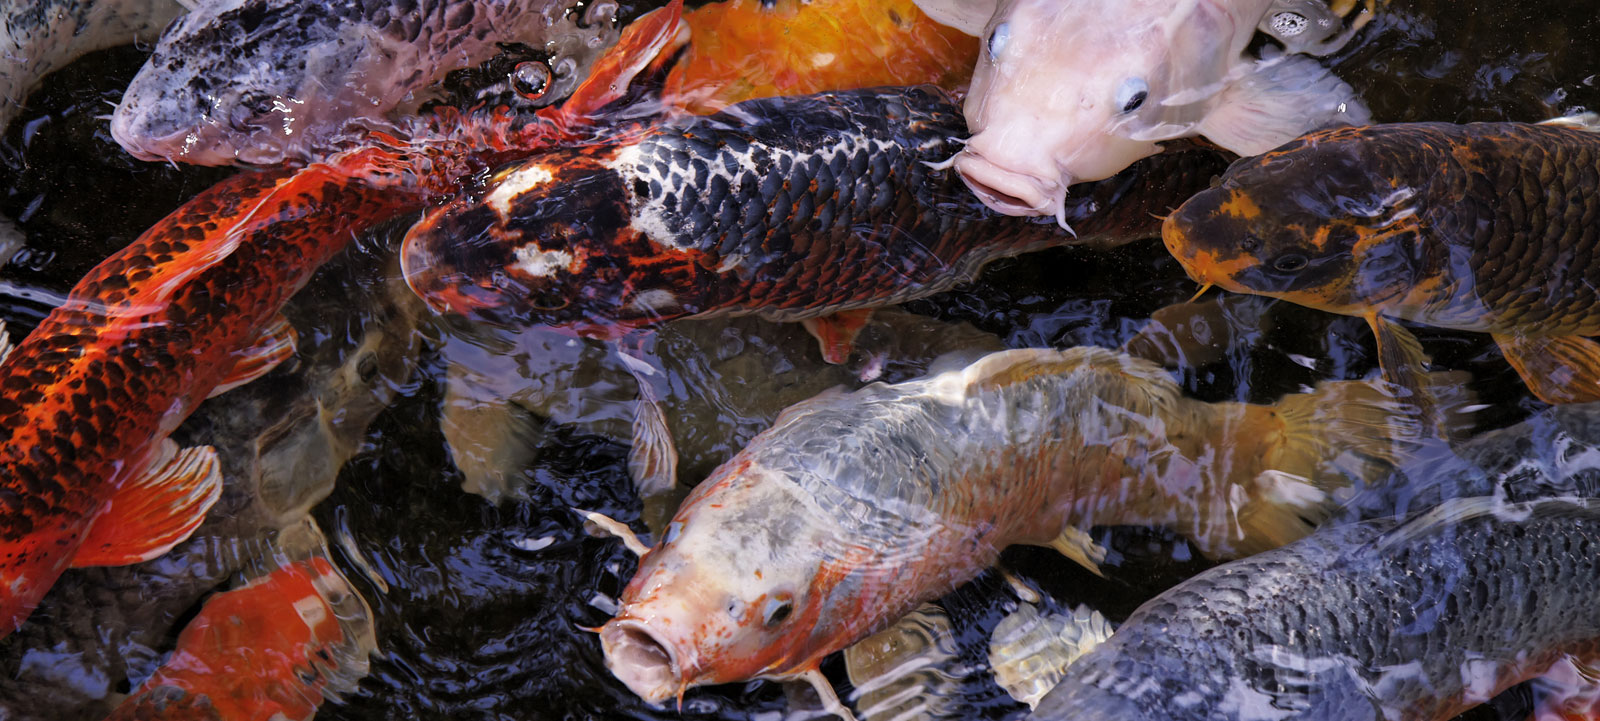 Comment lever des carpes koi jardins aquatiques for Vente de carpe koi